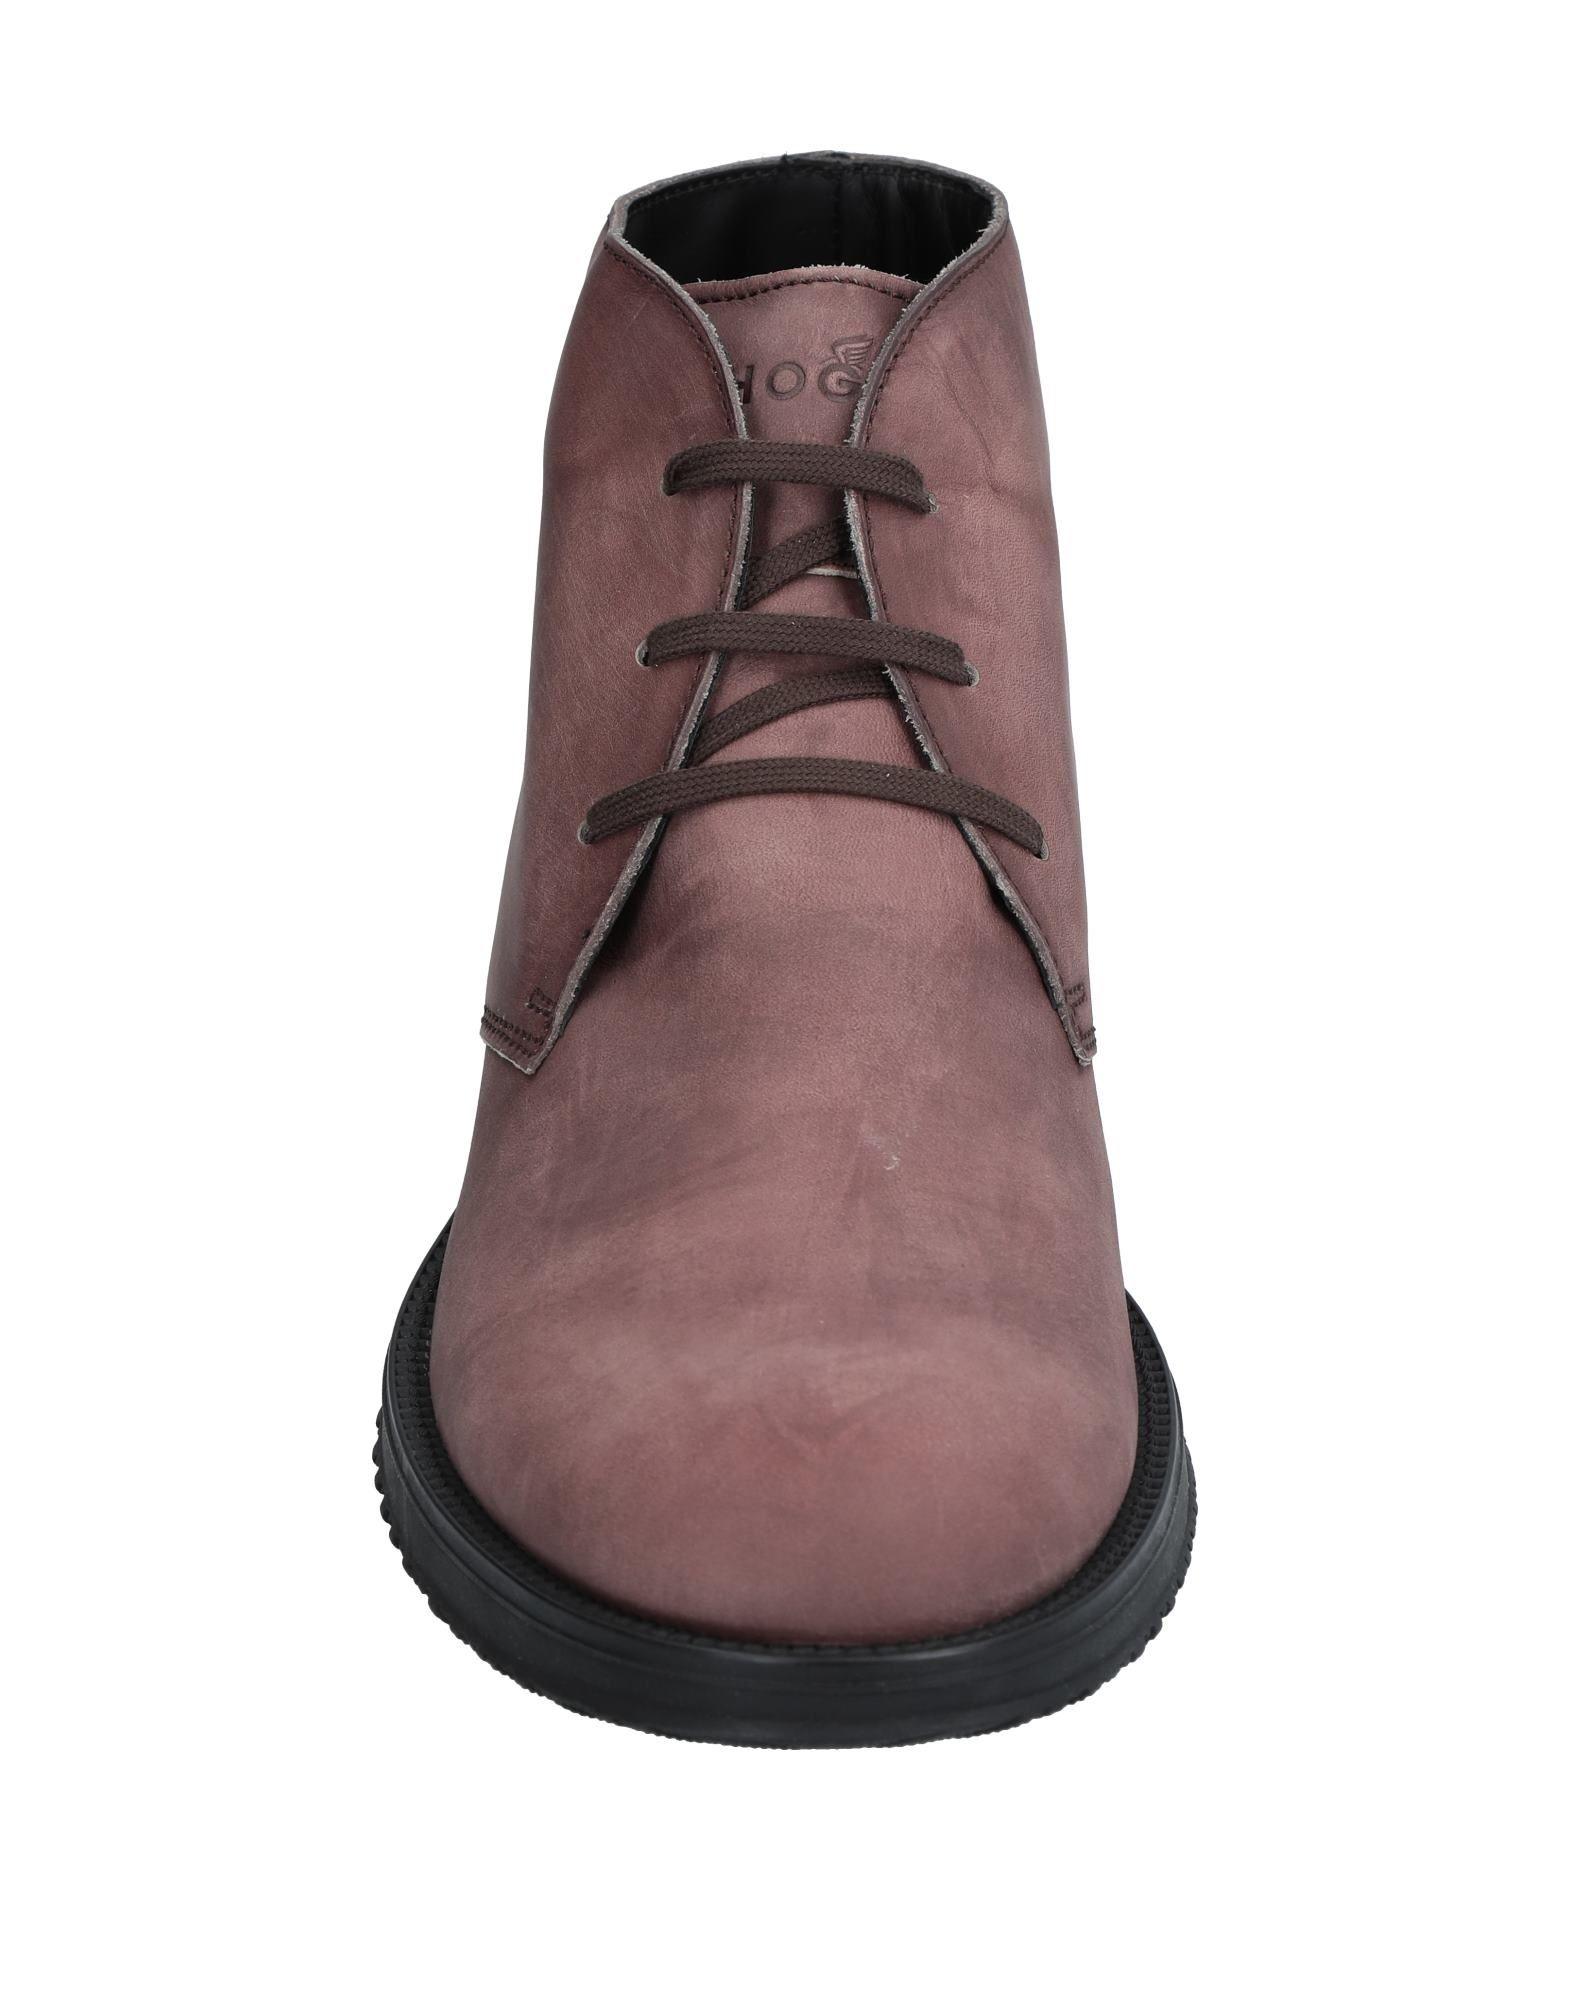 Hogan Gute Stiefelette Herren  11289514NB Gute Hogan Qualität beliebte Schuhe 926502